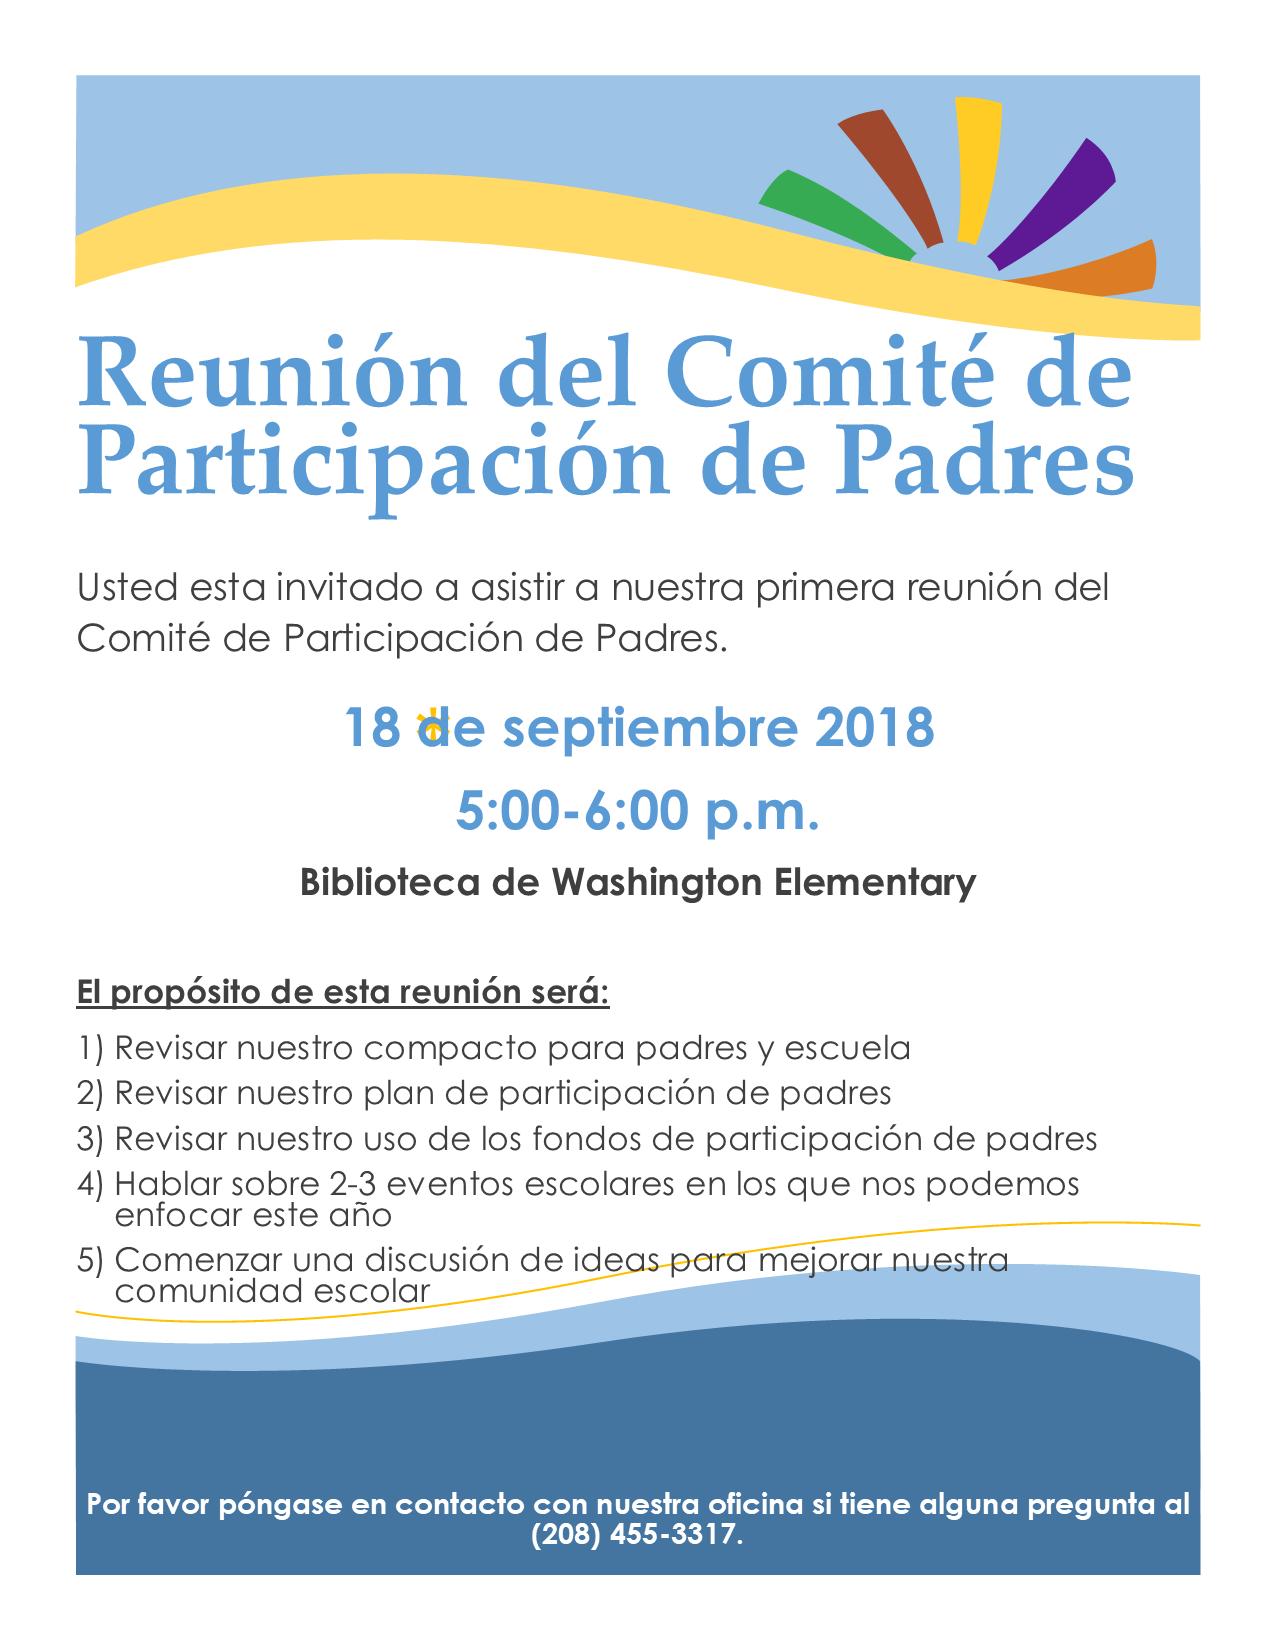 Folleto para la reunión de participación de padres el 18 de septiembre a las 5 p.m.